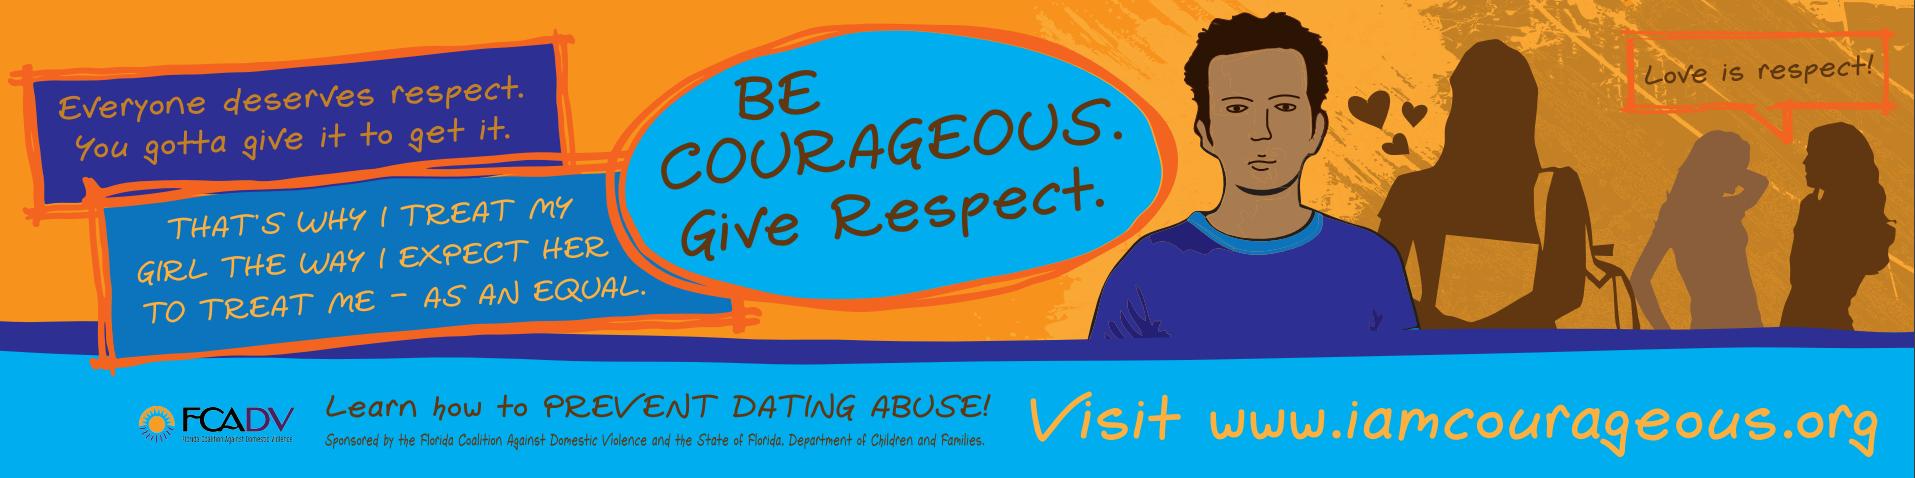 feiten over Teenage dating abuse online dating site voor weduwen